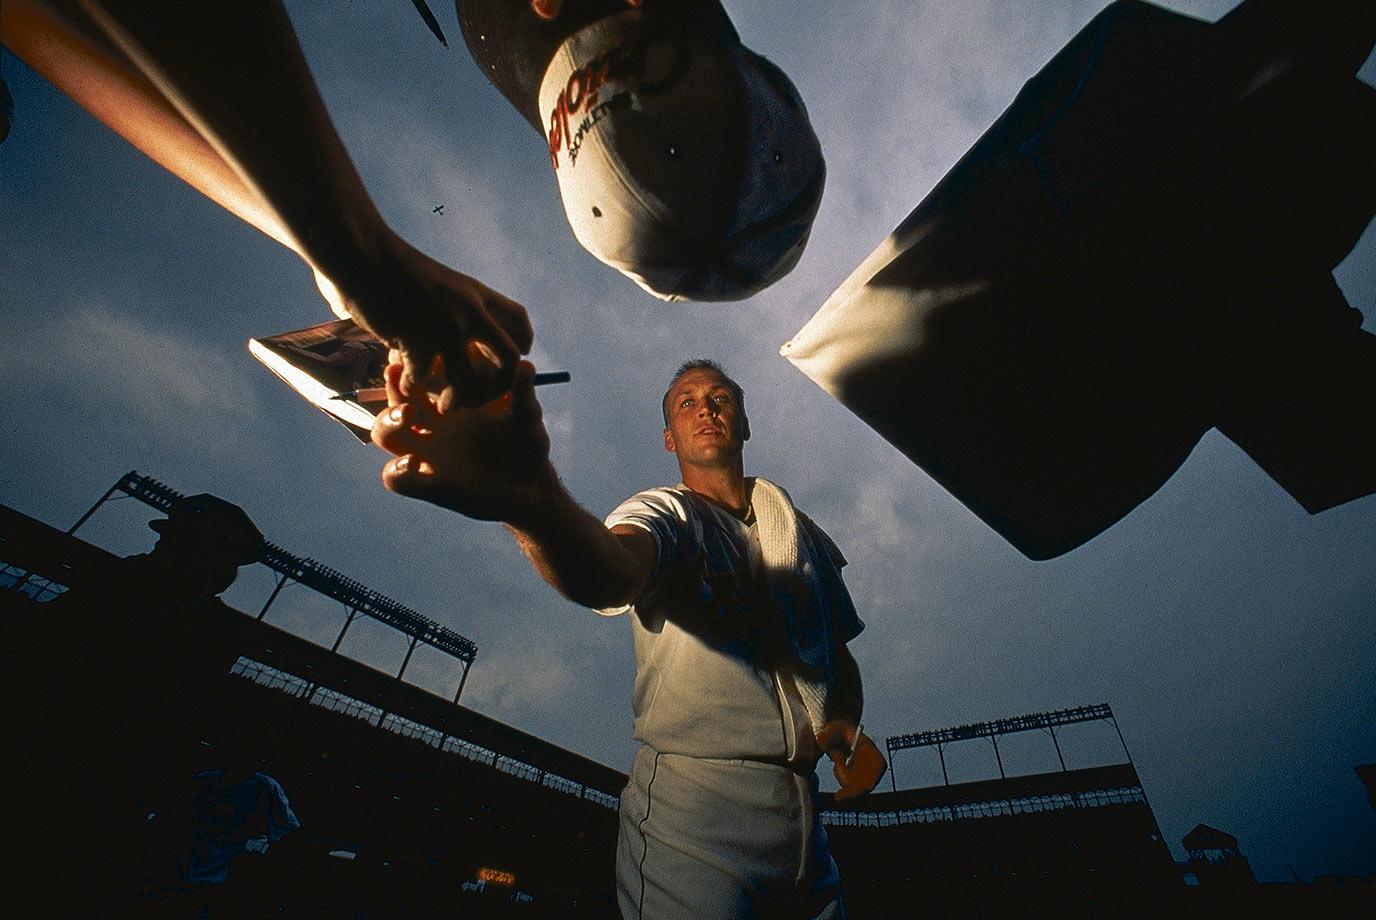 July 25, 1998